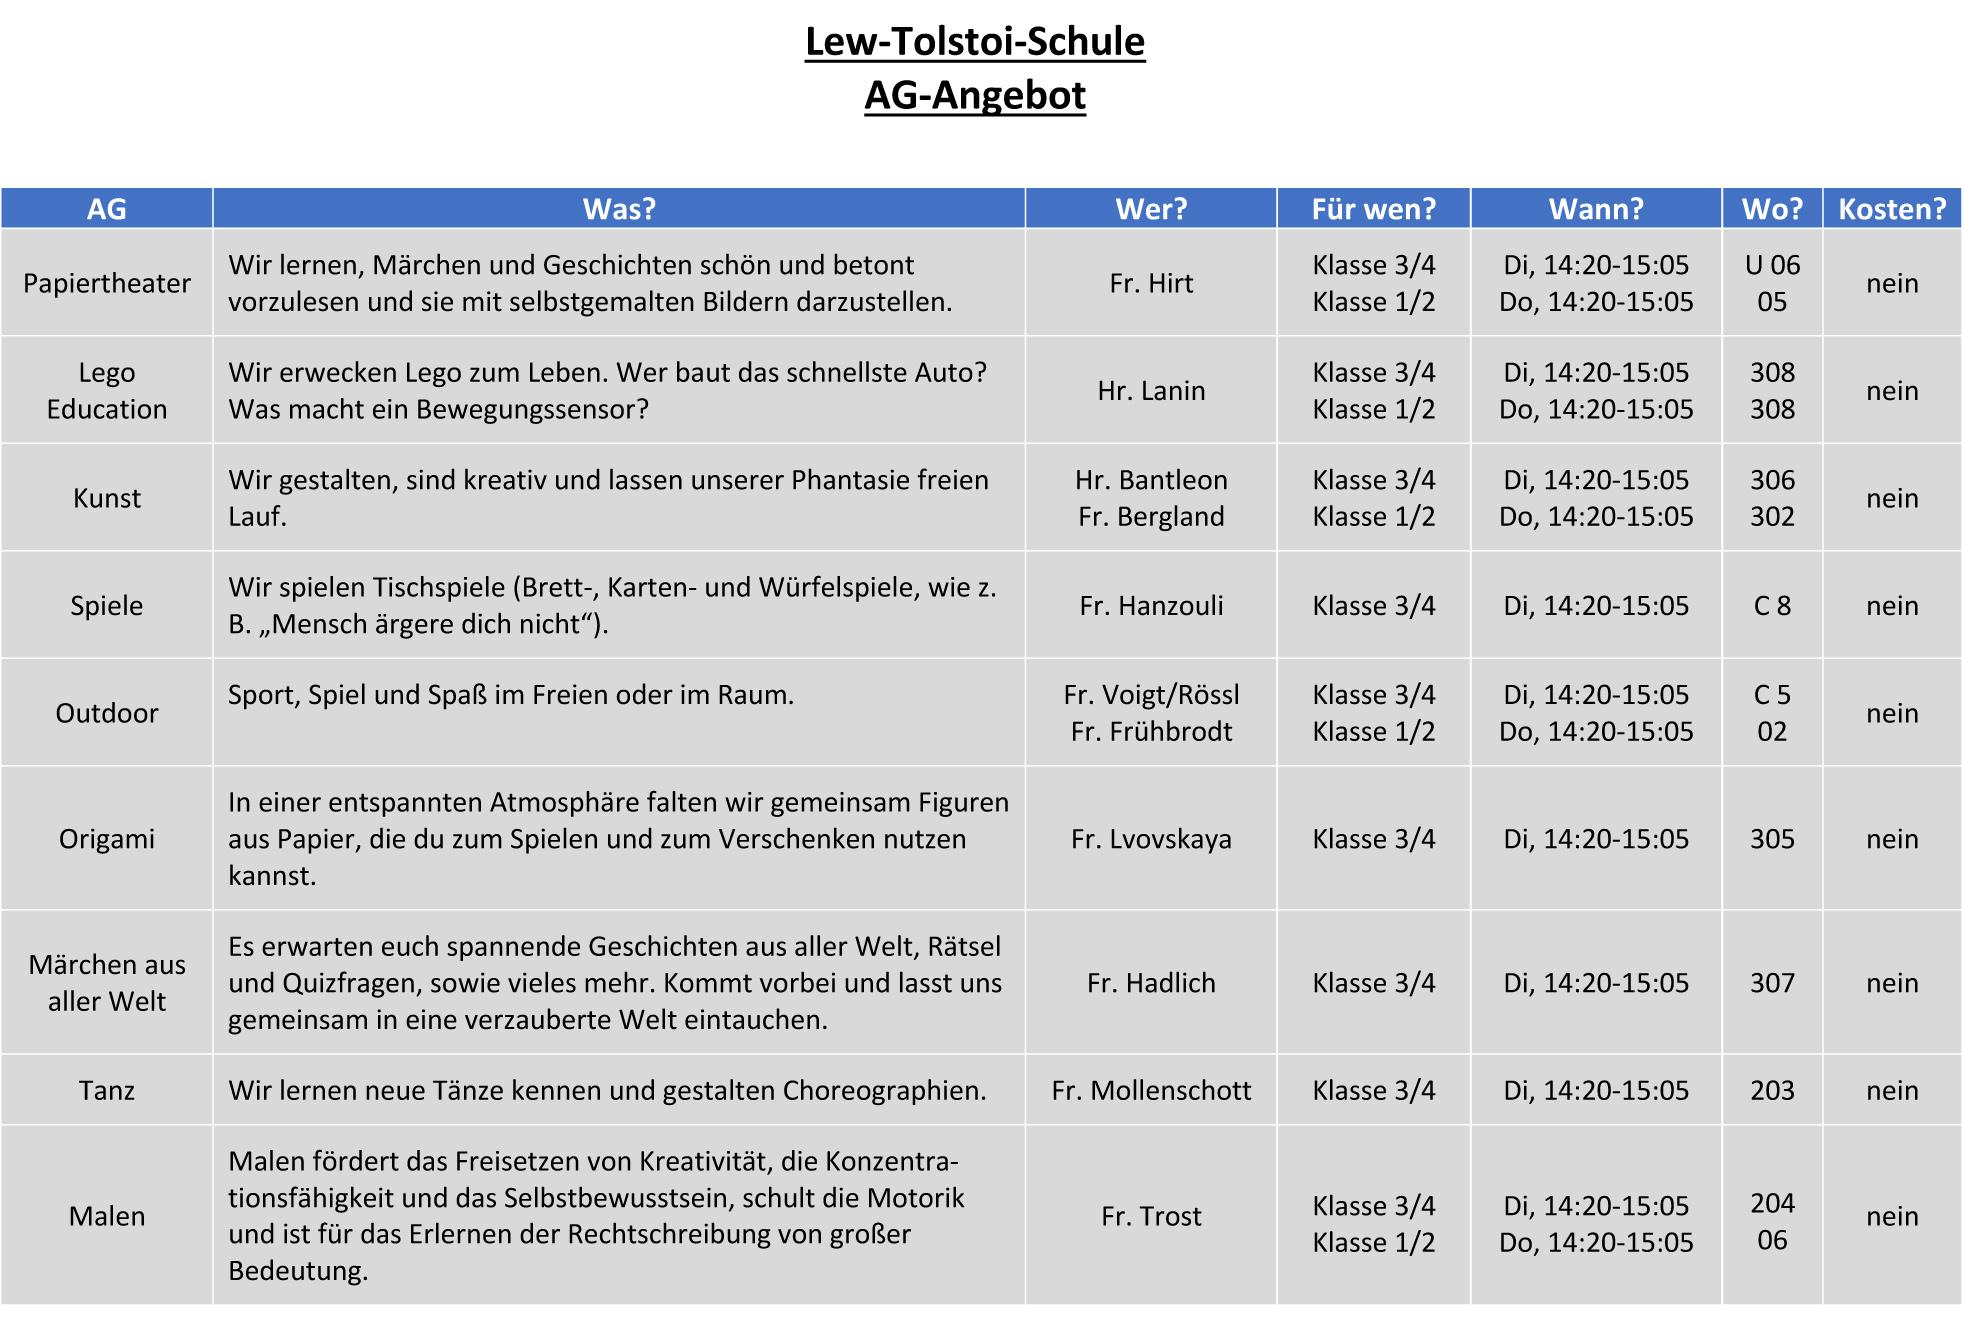 LTS Angebote - Arbeitsgemeinschaften